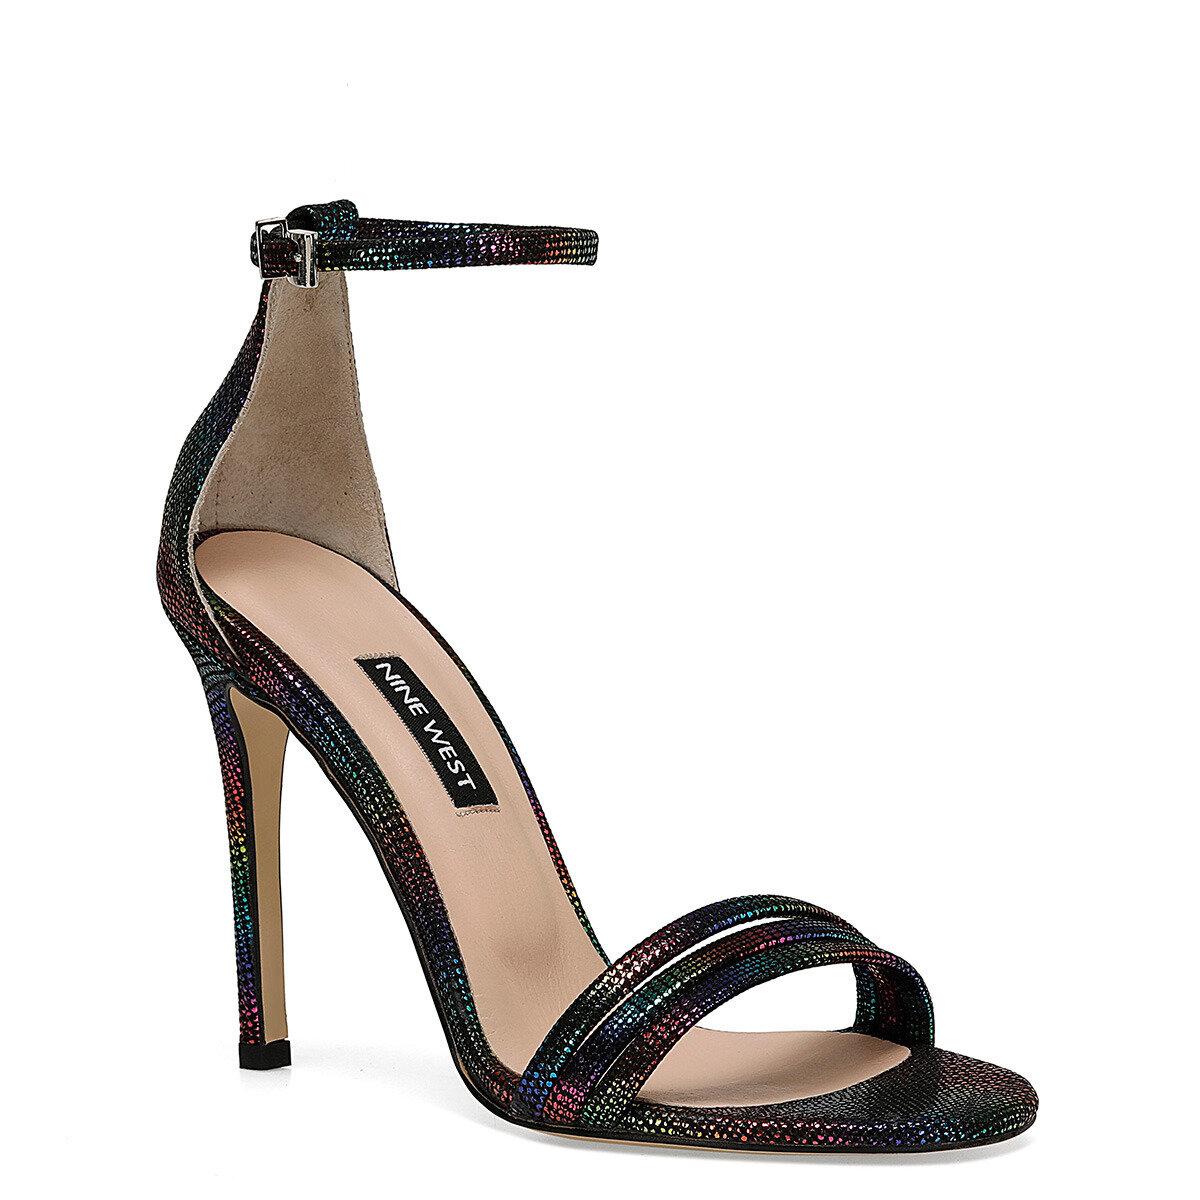 MYBELO Çok Renkli Kadın Topuklu Ayakkabı